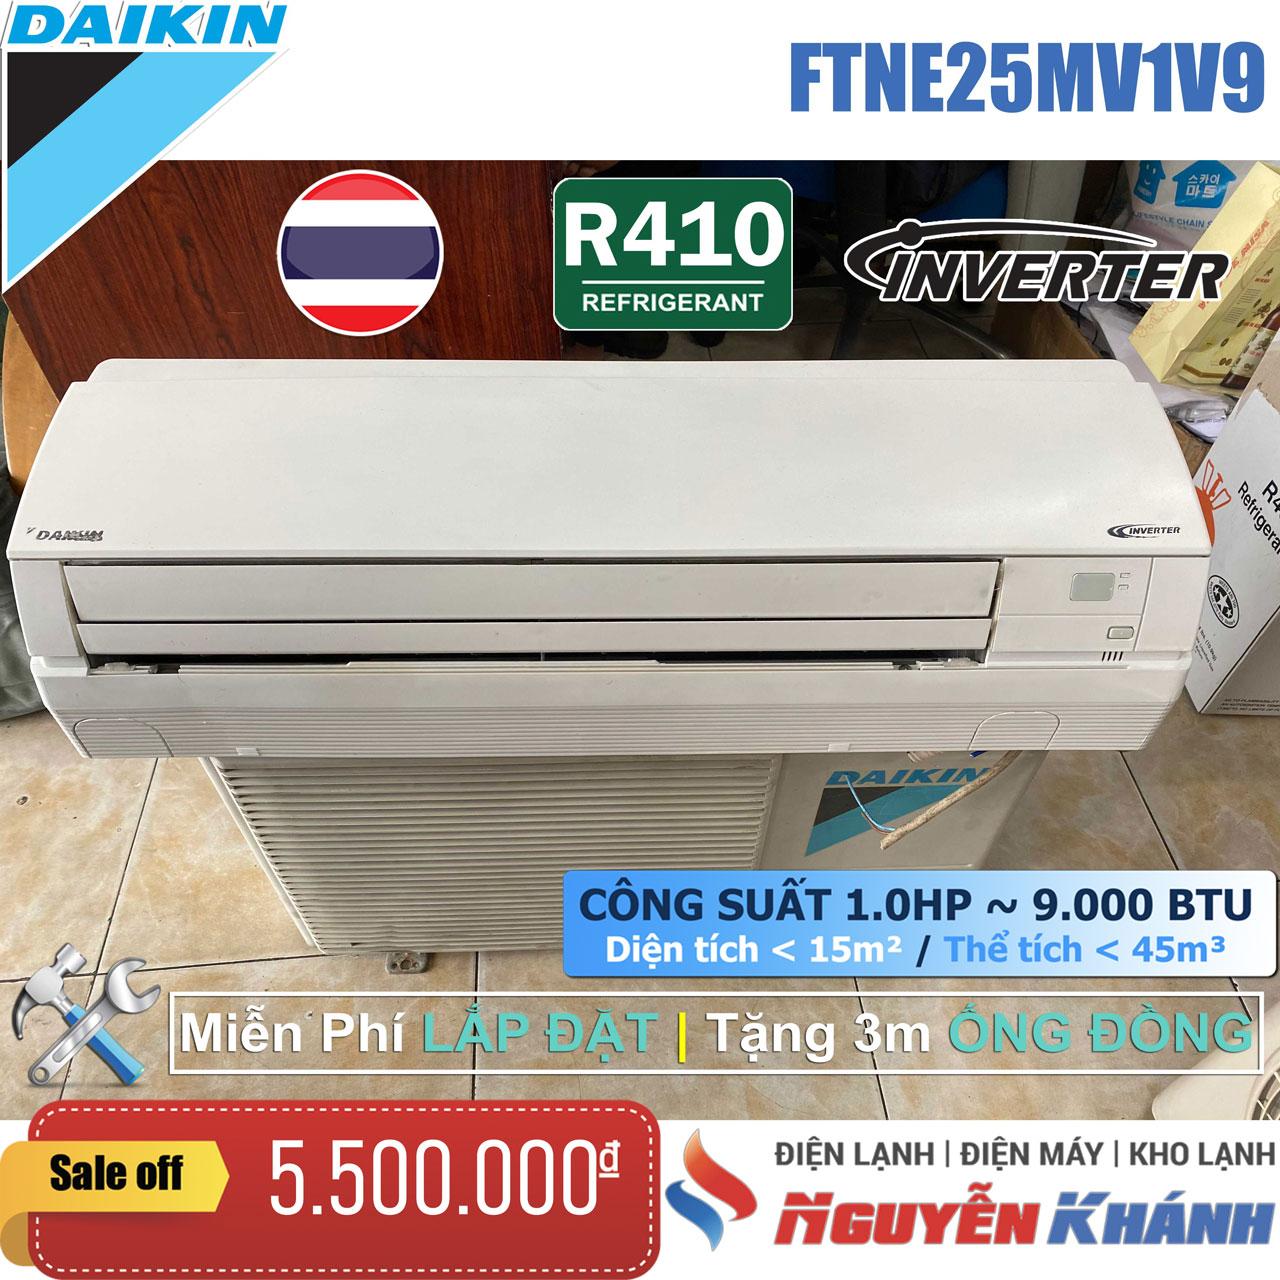 Máy lạnh Daikin FTNE25MV1V9 1HP